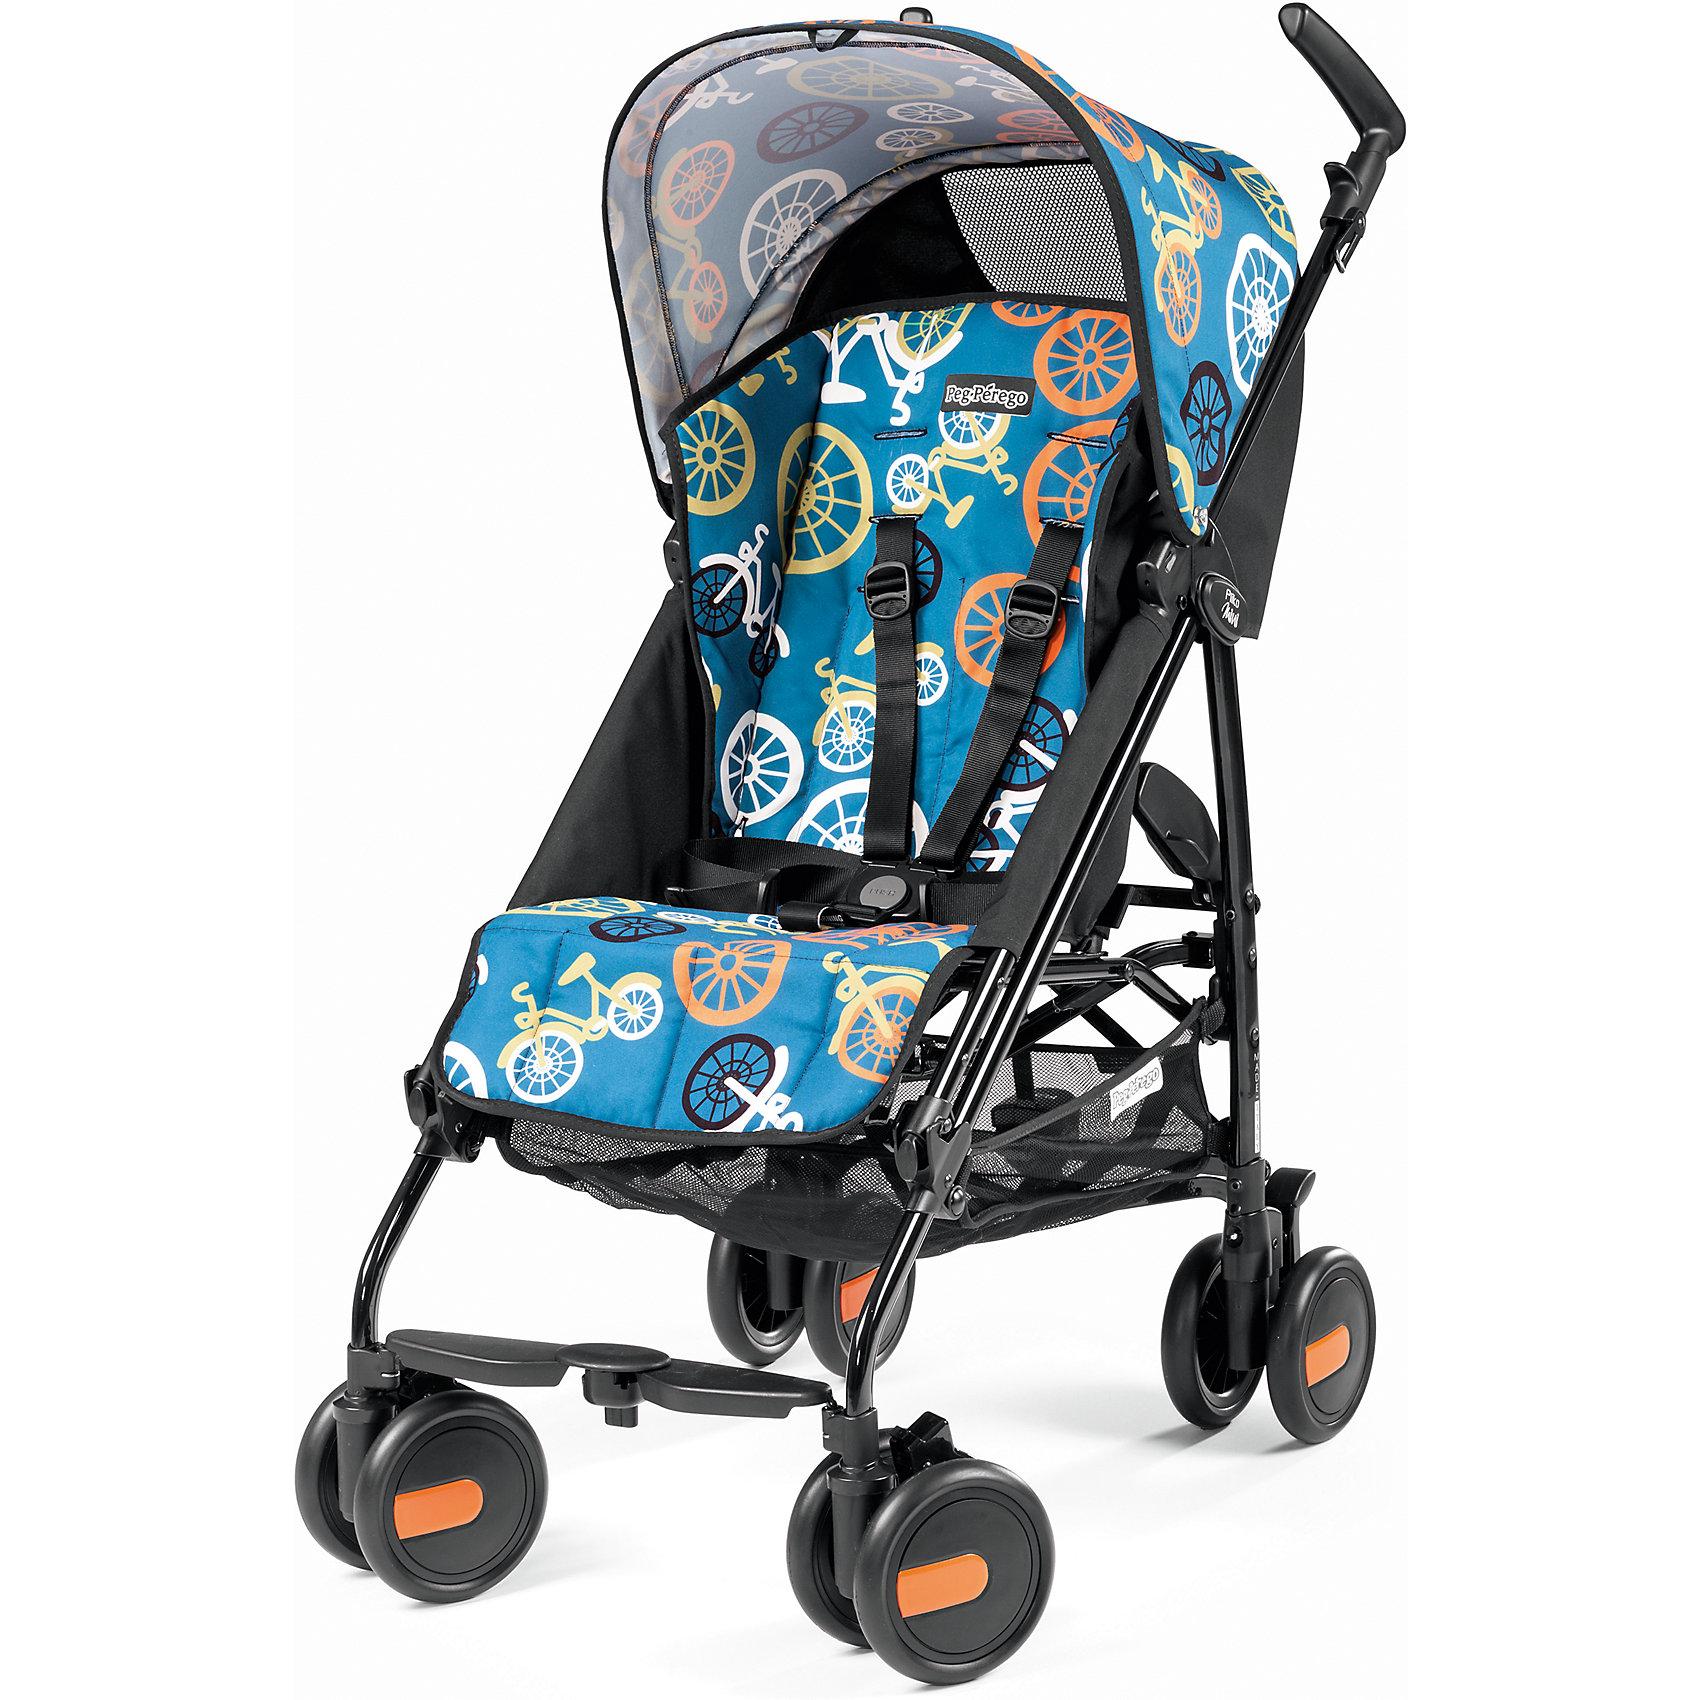 Коляска-трость Peg-Perego Pliko Mini с бампером, Bikes ColorКоляски-трости<br>Коляска-трость Pliko Mini, Peg-Perego - компактная прогулочная коляска с небольшими габаритами, которая отвечает всем требованиям комфорта и безопасности малыша. Очень практична для использования в любой ситуации. Коляска оснащена удобным для ребенка сиденьем с мягкими 5- точечными ремнями безопасности.Спинка легко раскладывается в 3 положениях вплоть до горизонтального. Опора для ножек регулируется, что обеспечивает<br>малышу правильную осанку. Большой капюшон со смотровым окном защитит от солнца и дождя.  <br><br>Для родителей предусмотрены удобные ручки и вместительная корзина для принадлежностей малыша. Коляска оснащена 4 двойными колесами (передние - поворотные с возможностью фиксации, задние - с тормозом). Благодаря узкой колесной базе коляска без труда преодолевает<br>даже самые узкие проемы дверей, лифтов и турникетов. Легко и компактно складывается тростью, что позволяет использовать ее во время поездок и путешествий. Обивку можно снимать и стирать. Подходит для детей от 6 мес. до 3 лет.<br><br><br>Особенности:<br><br>- удобна для транспортировки и хранения;<br>- объемный капюшон от солнца и дождя;<br>- спинка сиденья регулируется 3 положениях;<br>- регулируемая подножка; <br>- корзина для вещей ребенка;<br>- передние поворотные колеса с возможностью фиксации;<br>- узкая колесная база;<br>- легко и компактно складывается тростью.<br><br><br>Дополнительная информация:<br><br>- Цвет: Bikes Color.<br>- Материал: текстиль, металл, пластик.<br>- Диаметр колес: 14,6 см.<br>- Максимальная длина спального места: 87 см.<br>- Размер в разложенном виде: 84 х 50 х 101 см.<br>- Размер в сложенном виде: 34 х 32 х 94 см.<br>- Вес: 5,7 кг.<br><br>Коляску-трость Pliko Mini + бампер передний, Peg-Perego можно купить в нашем интернет-магазине.<br><br>Ширина мм: 470<br>Глубина мм: 290<br>Высота мм: 1025<br>Вес г: 7600<br>Возраст от месяцев: 6<br>Возраст до месяцев: 36<br>Пол: Унисекс<br>Возраст: Детс